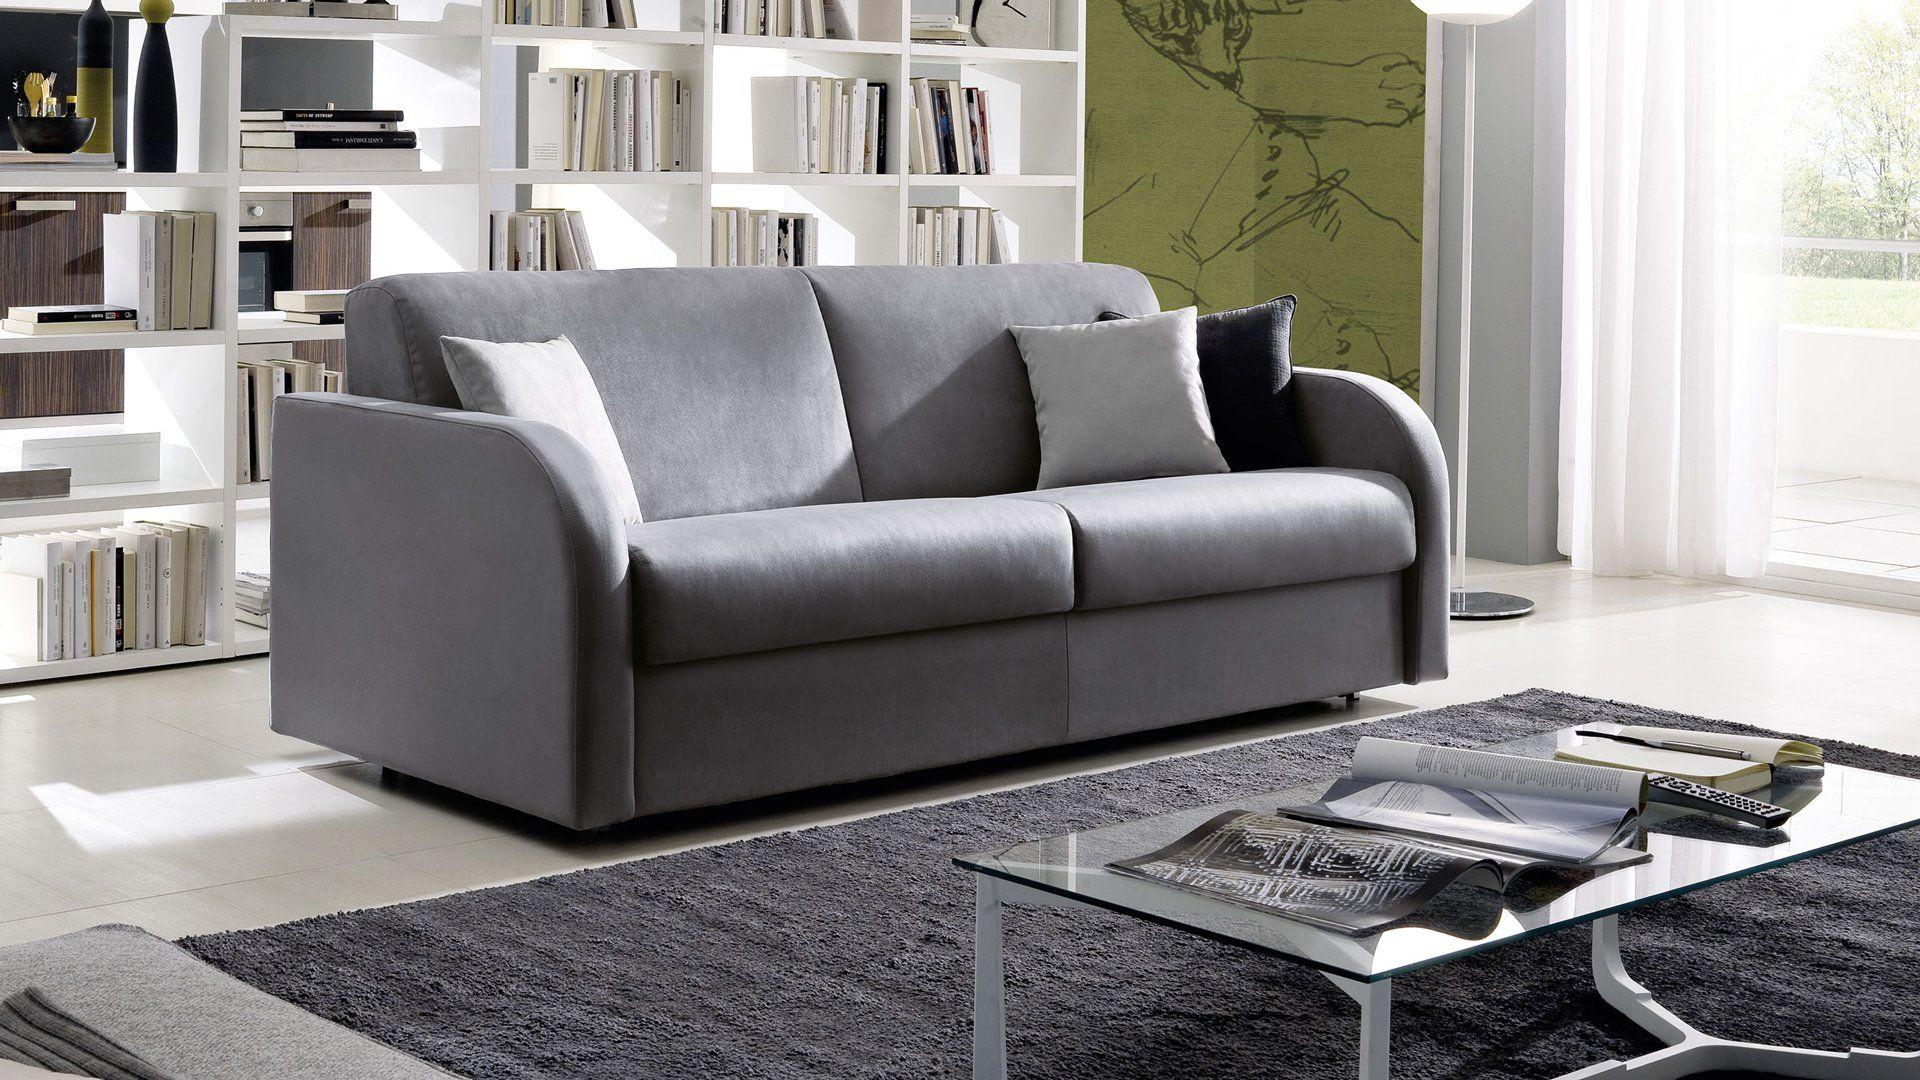 #pegaso   Divano letto, Idee per decorare la casa, Design ...